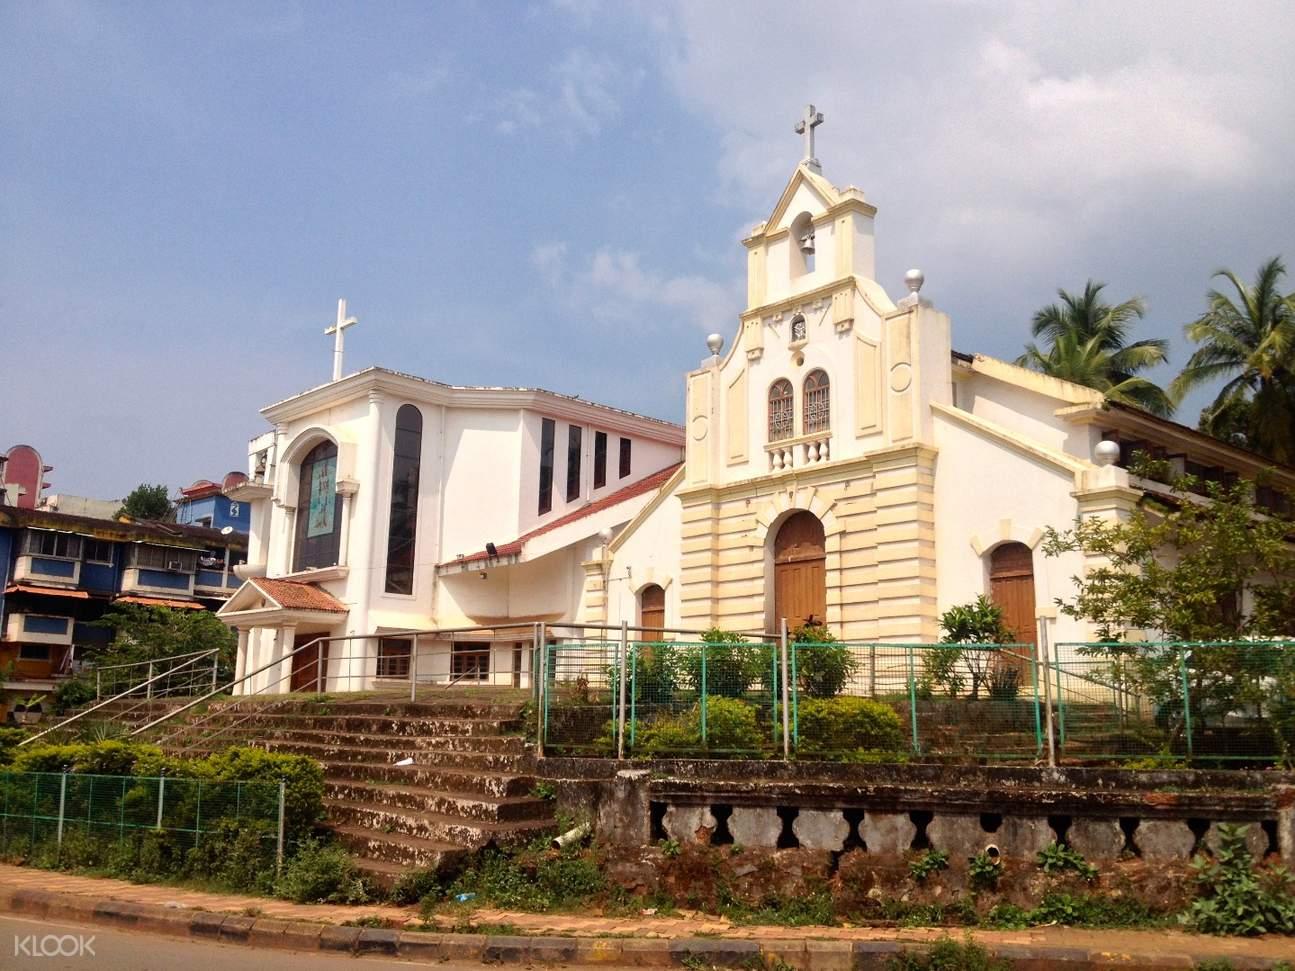 印度 果阿邦徒步之旅 圣塞巴斯蒂安教堂Chapel of St. Sebastian